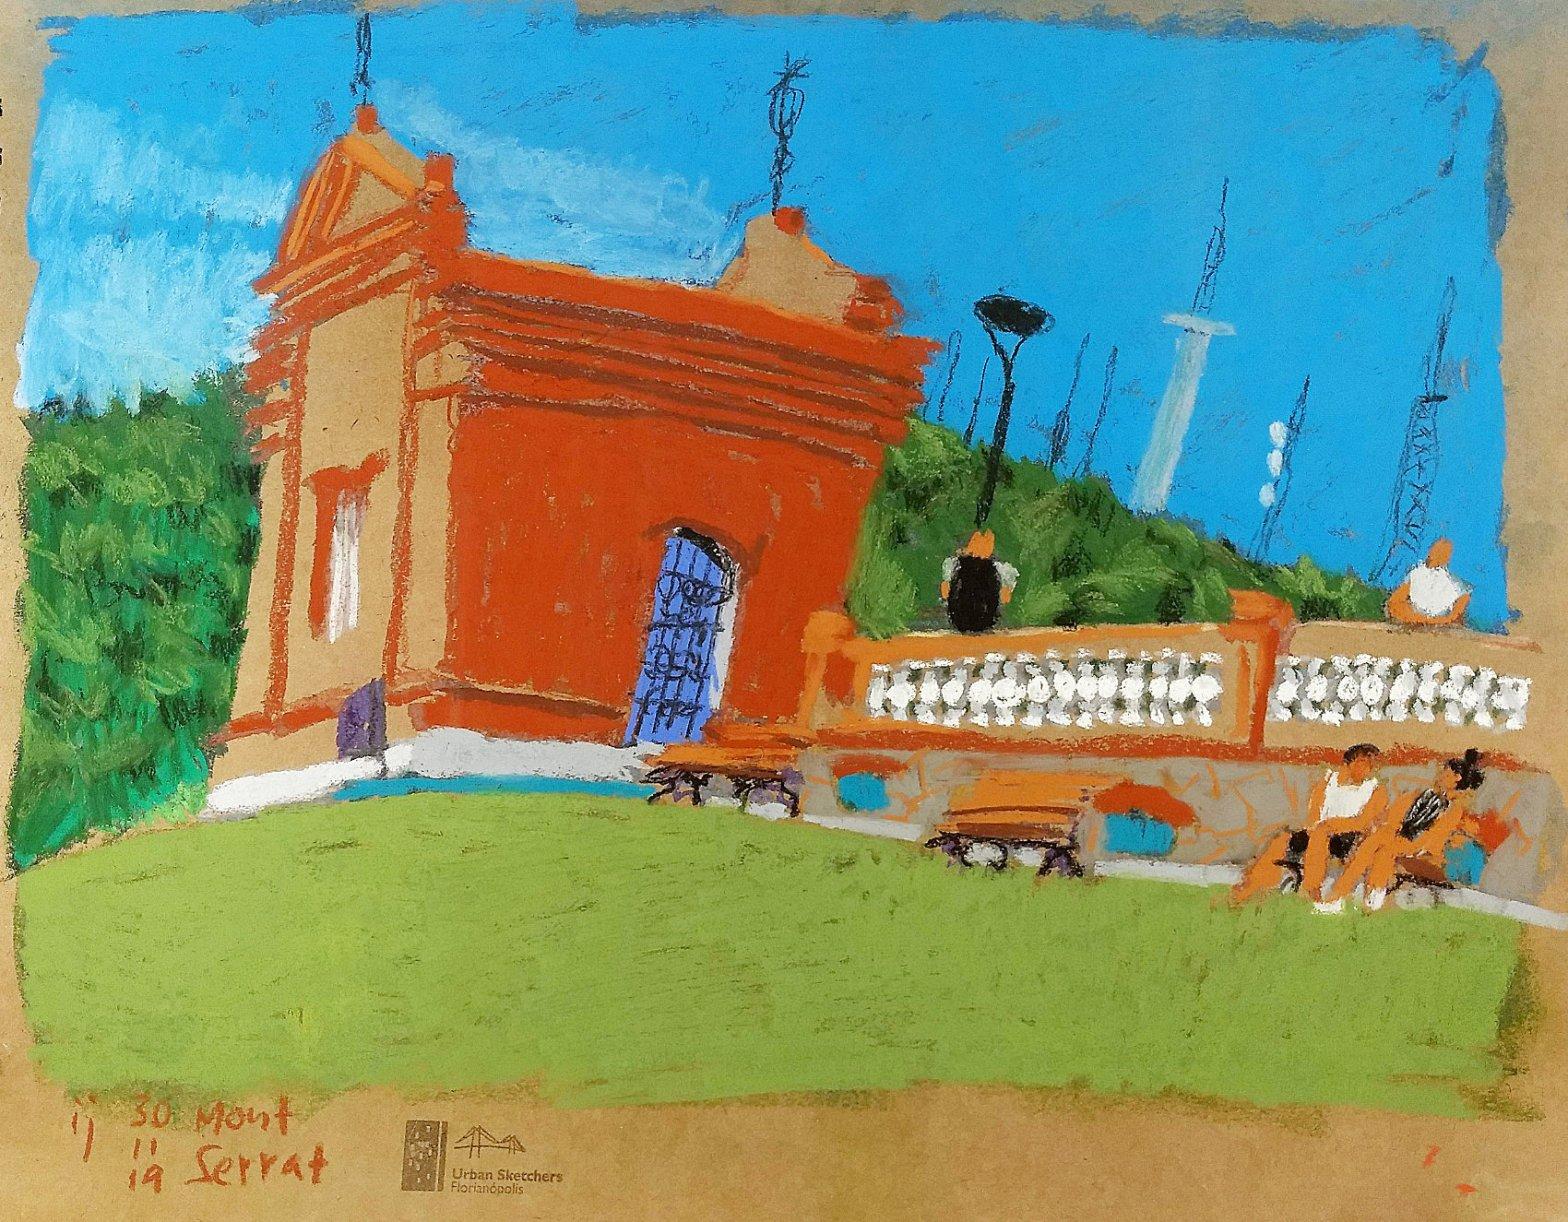 Desenho em pastel seco mostrando a caixa construção da caixa d'água do bairro Mont Serrat